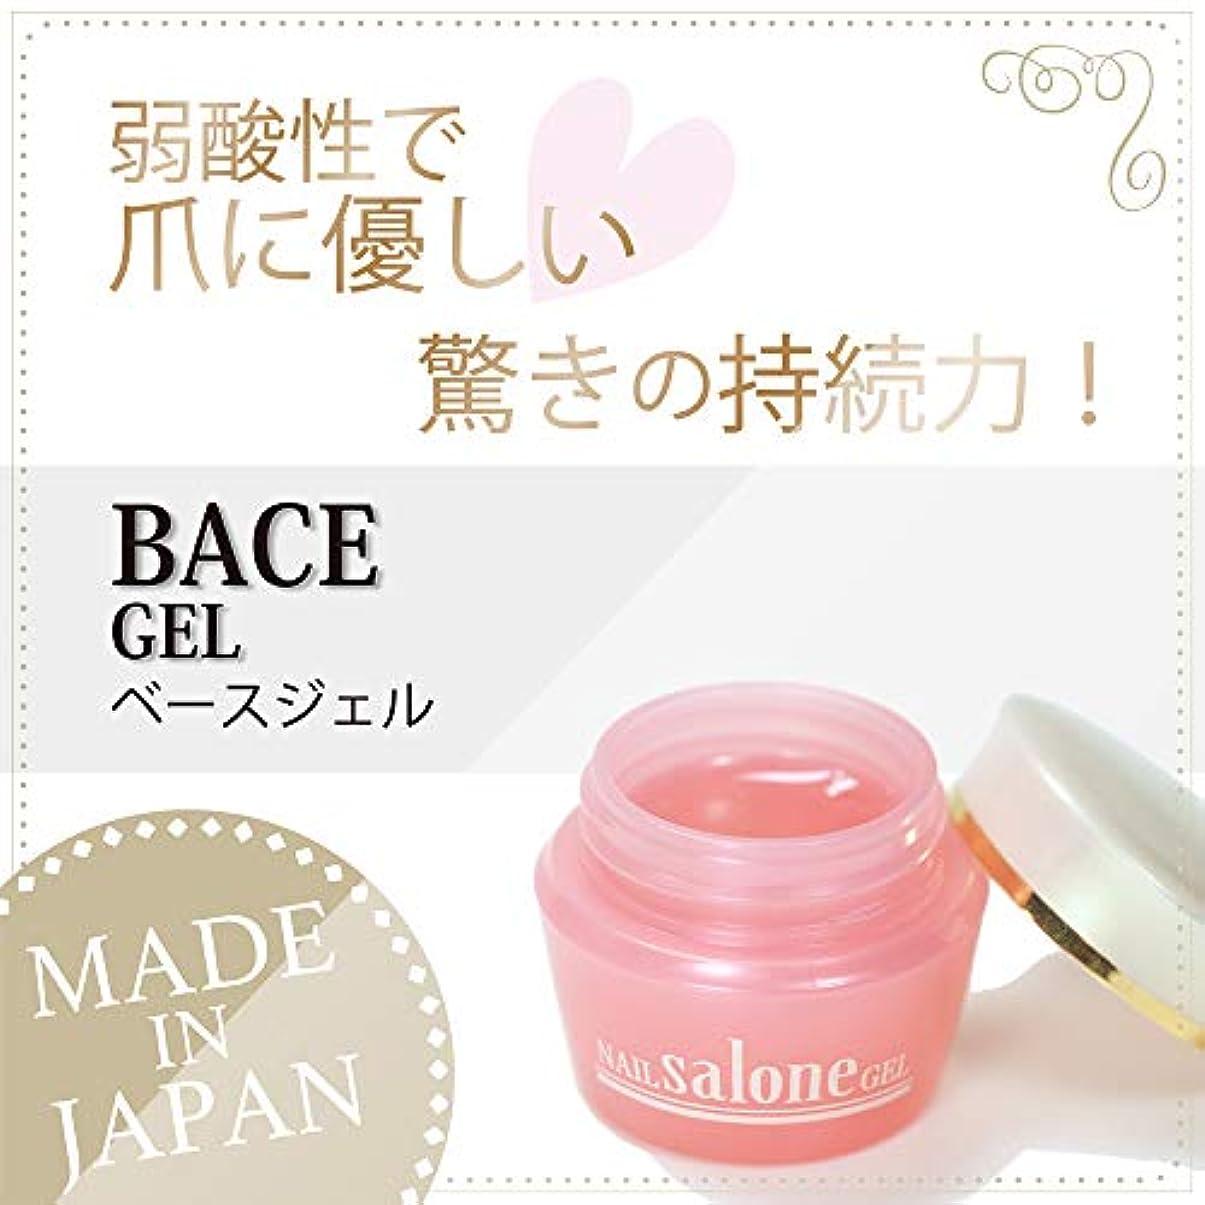 優遇火星批判的Salone gel サローネ ベースジェル 爪に優しい 日本製 驚きの密着力 リムーバーでオフも簡単3g